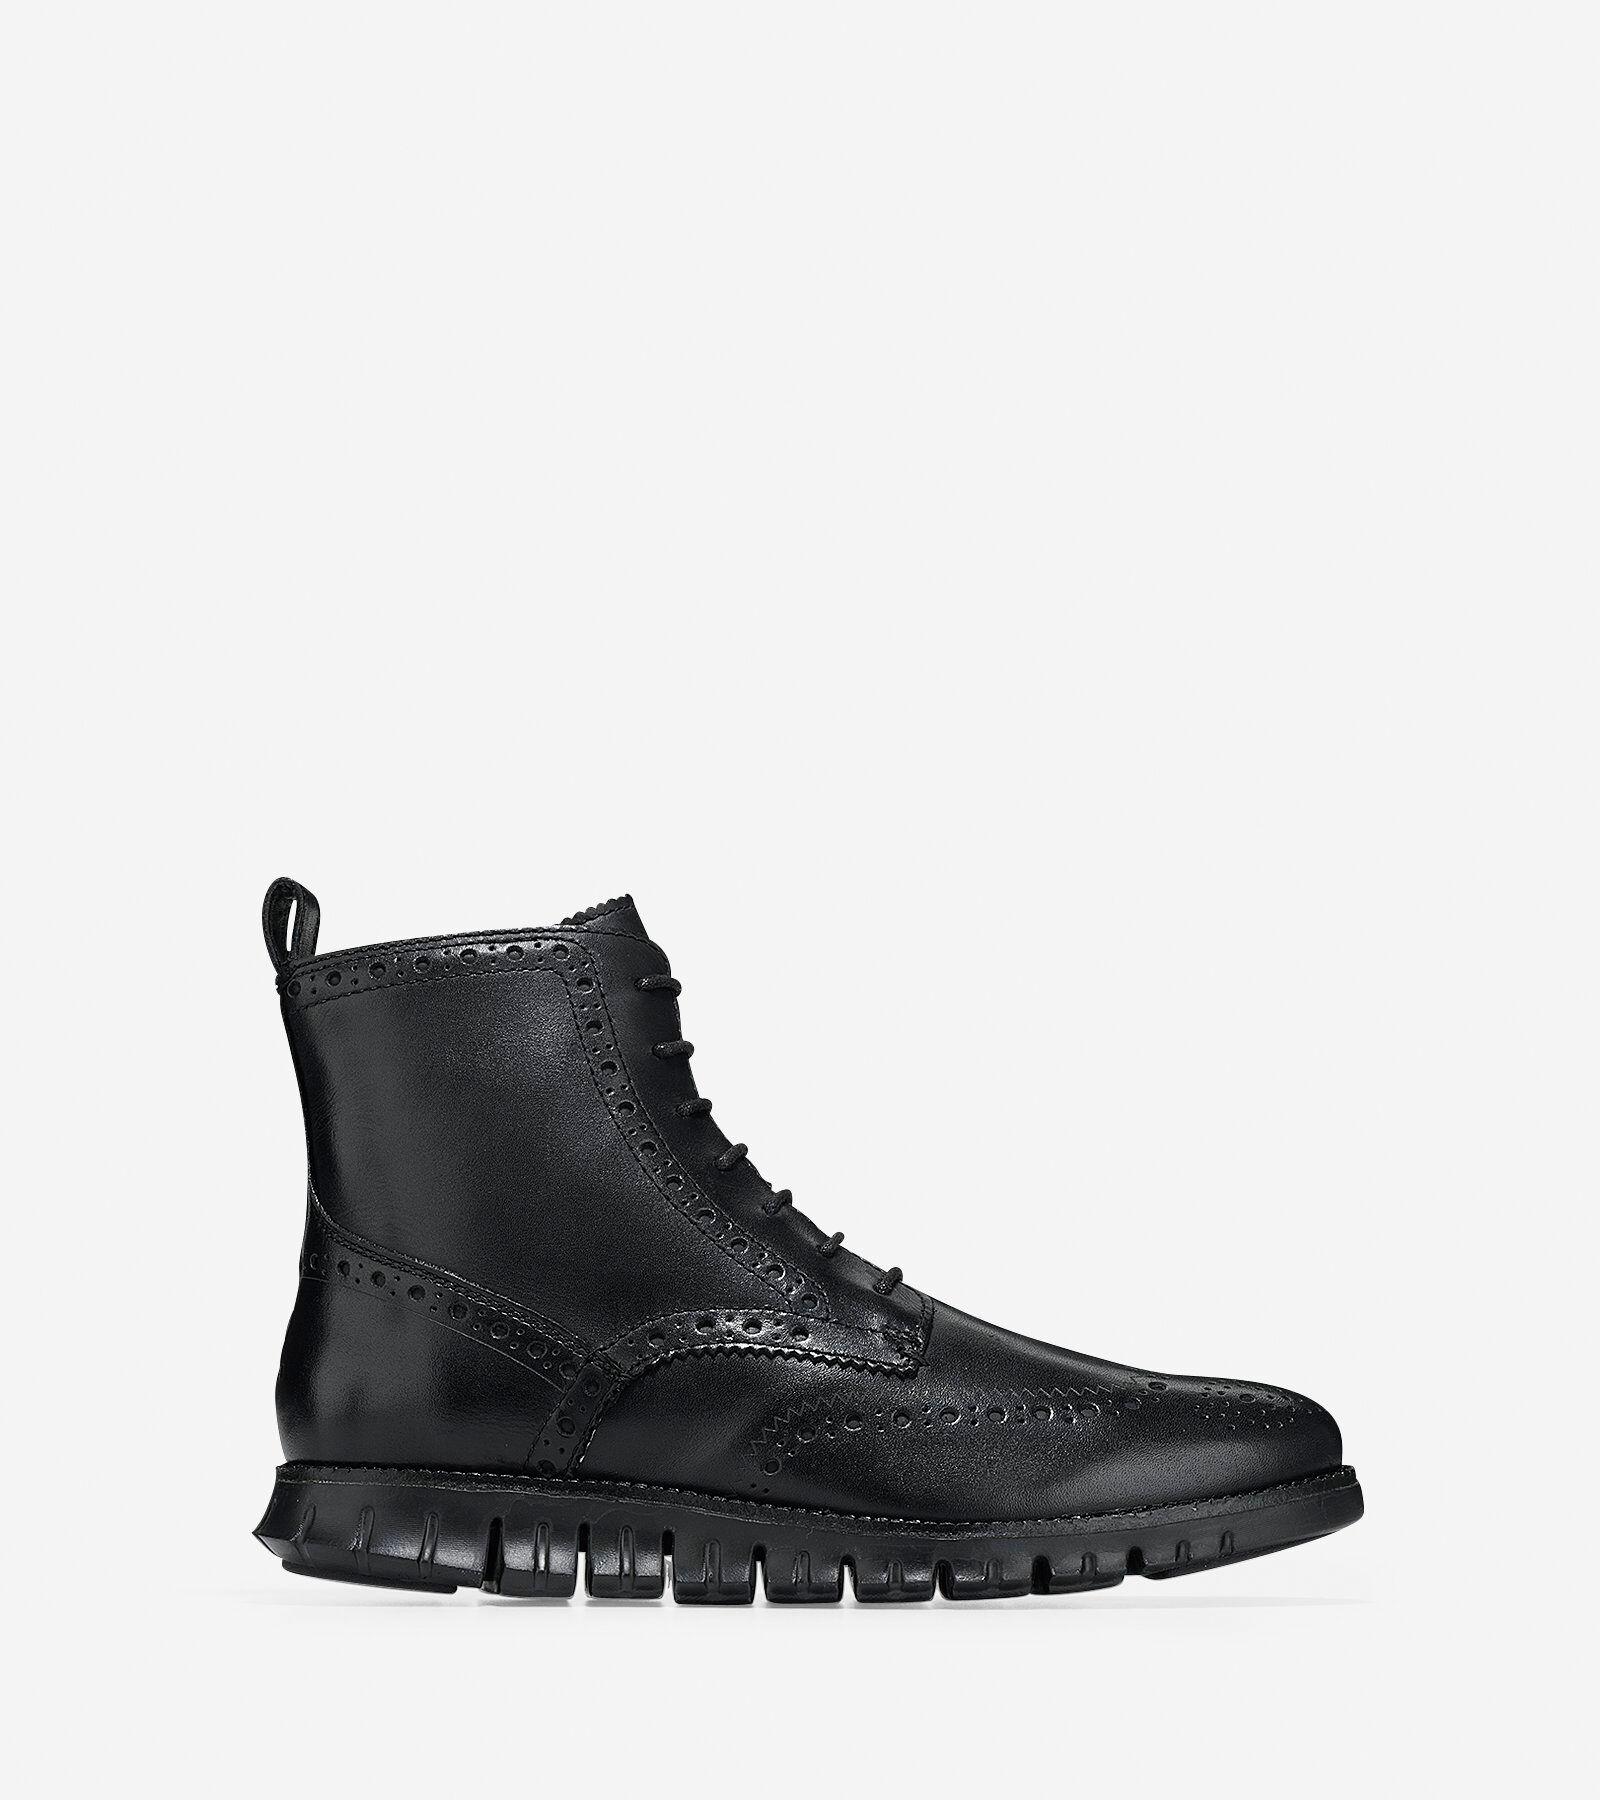 Men's ZEROGRAND Wingtip Boots in Black